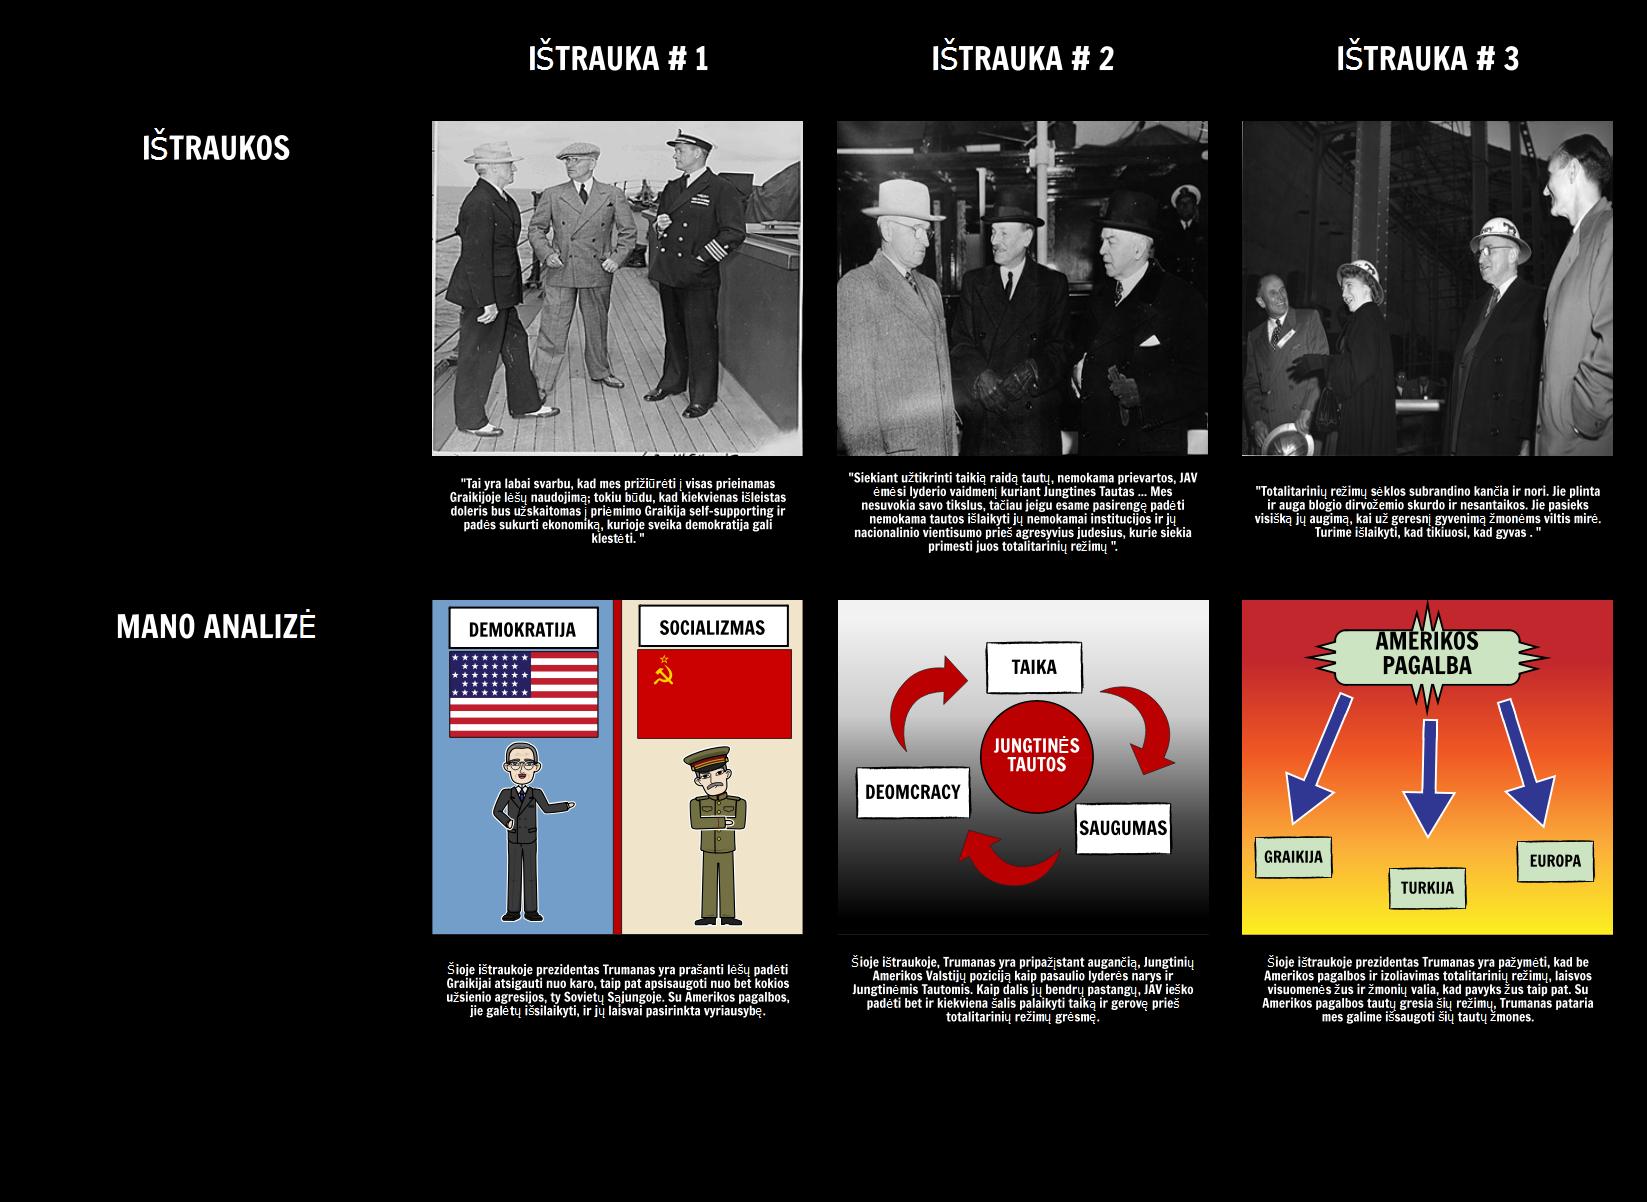 Pirmininkaujanti Trumanas - Trumeno Doktrina Dokumentų Analizė